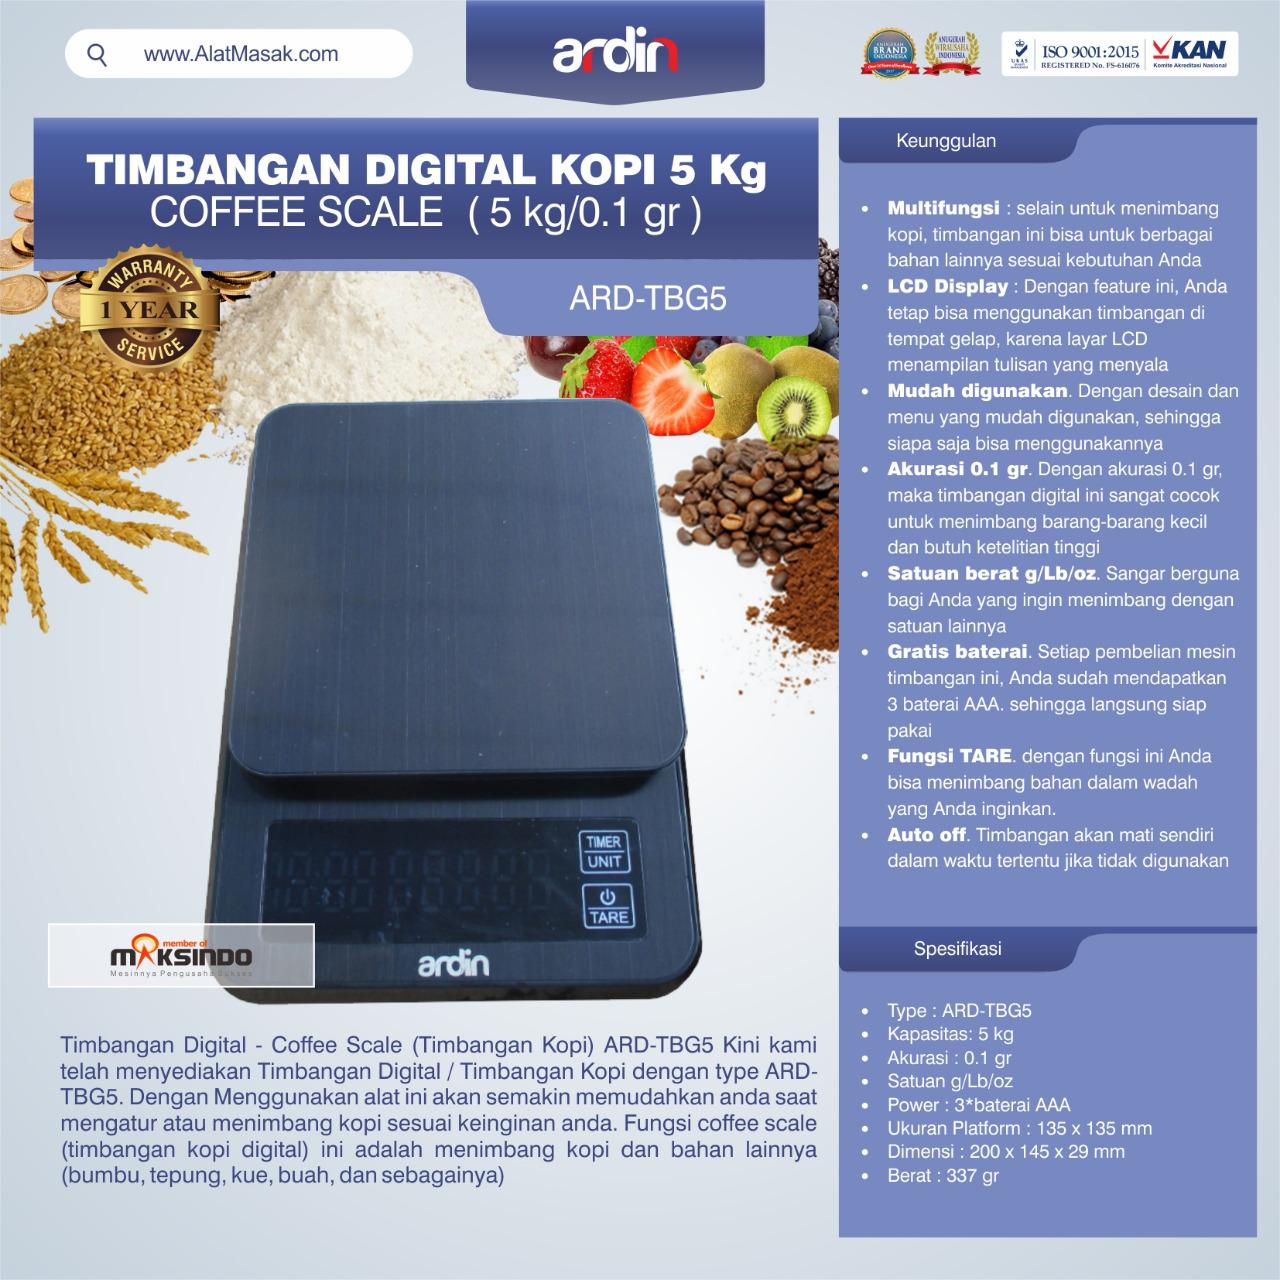 Jual Timbangan Digital Kopi 5 kg ARD-TBG5 (coffee scale) di Pekanbaru